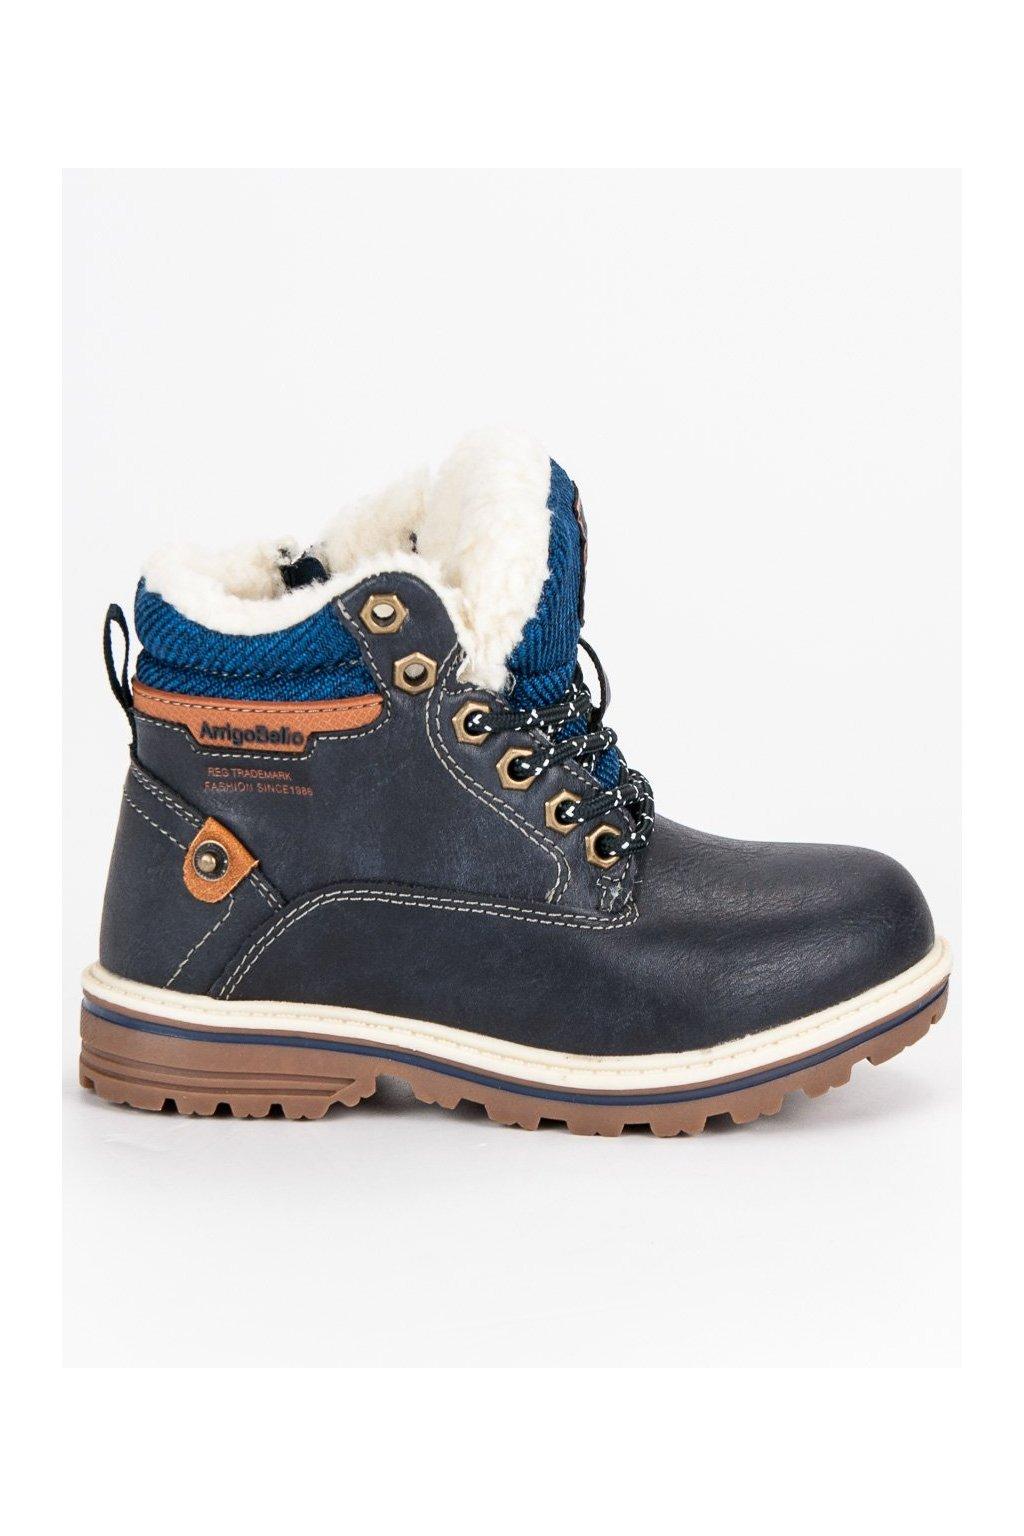 Chlapčenské zateplené topánky na zimu modré  c761a922b8a